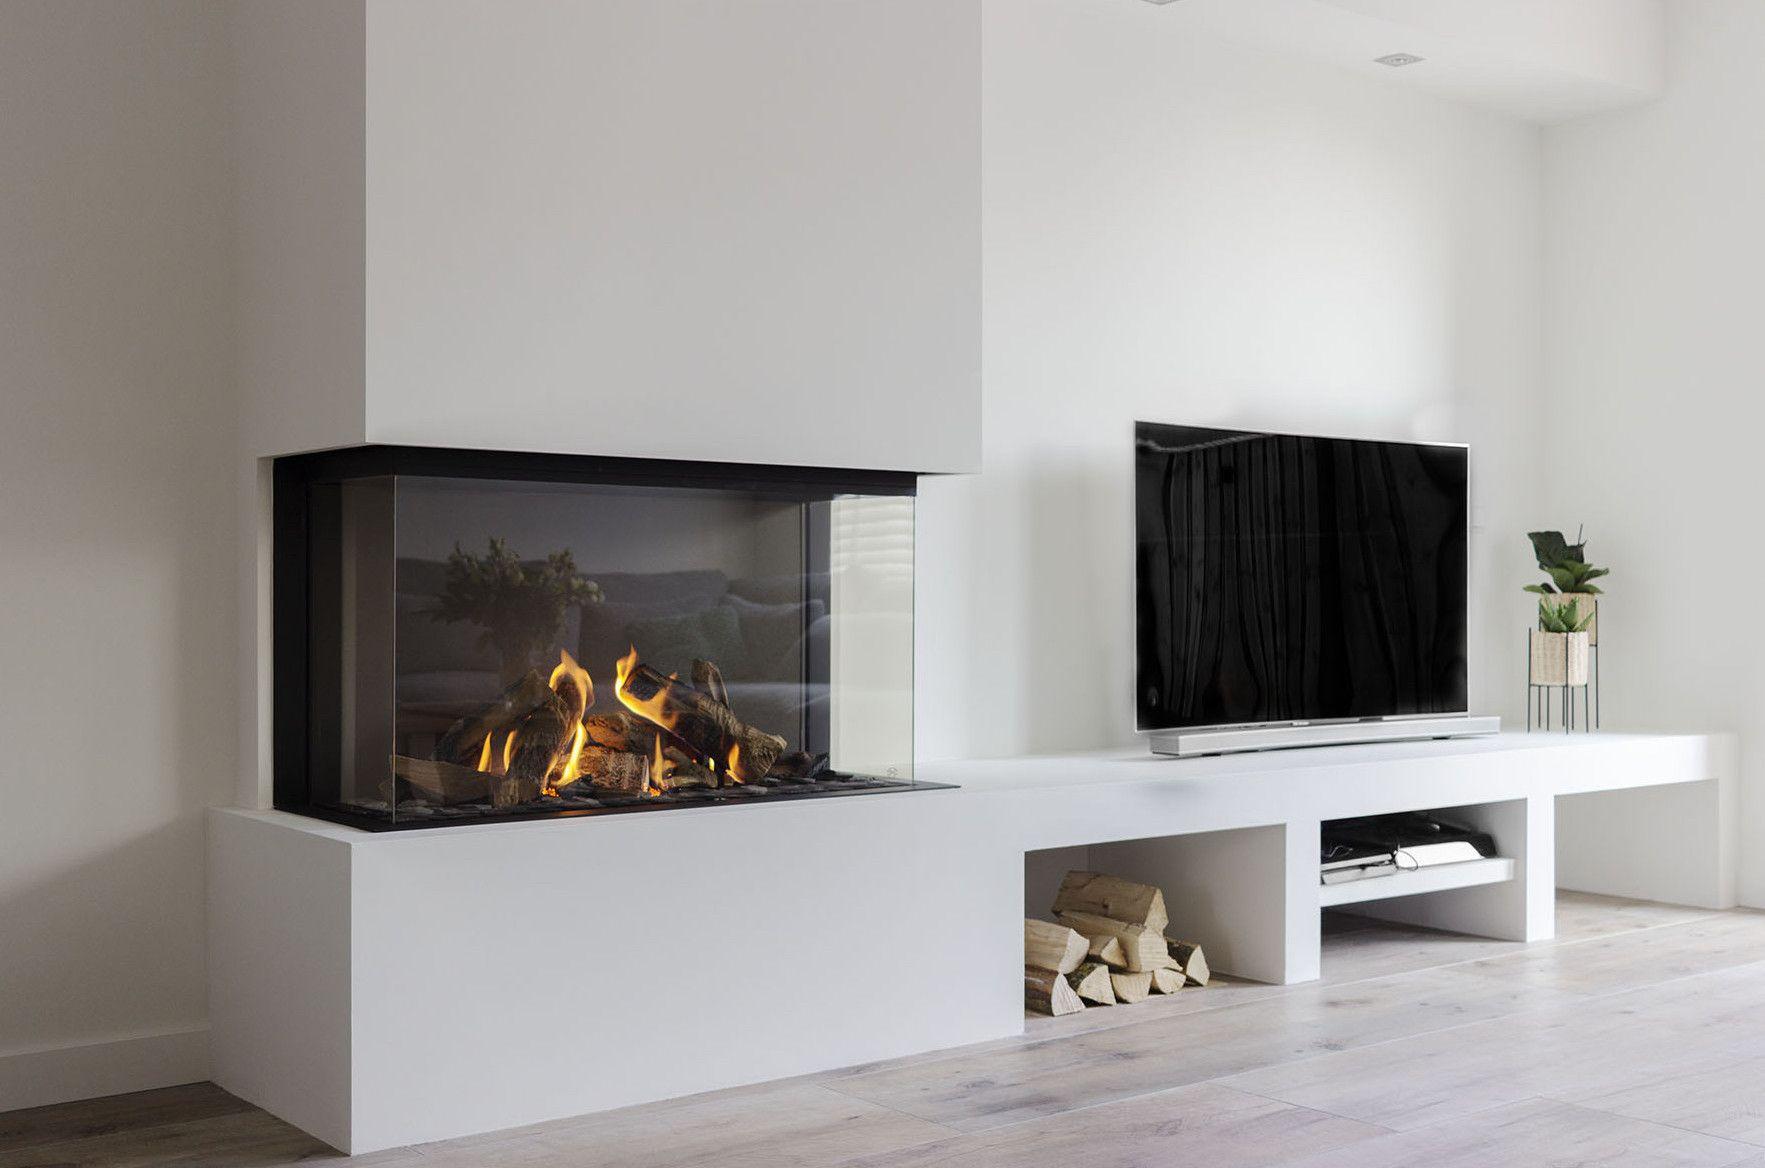 Goede Een prachtige gashaard met tv meubel. Een project waarbij wij een HI-13